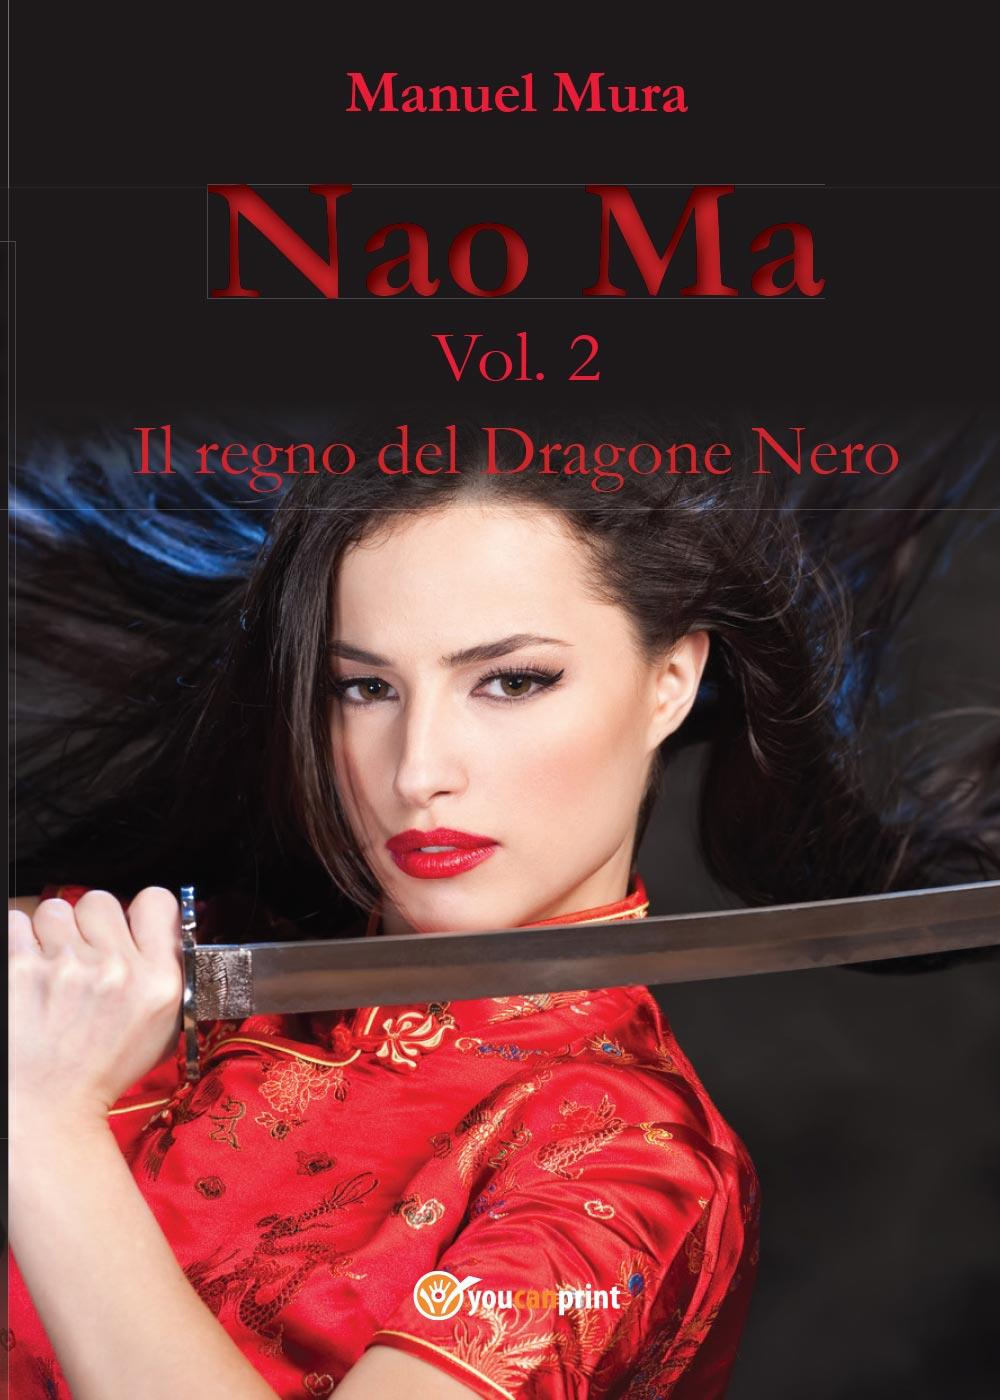 Nao Ma vol.2 - Il regno del Dragone Nero